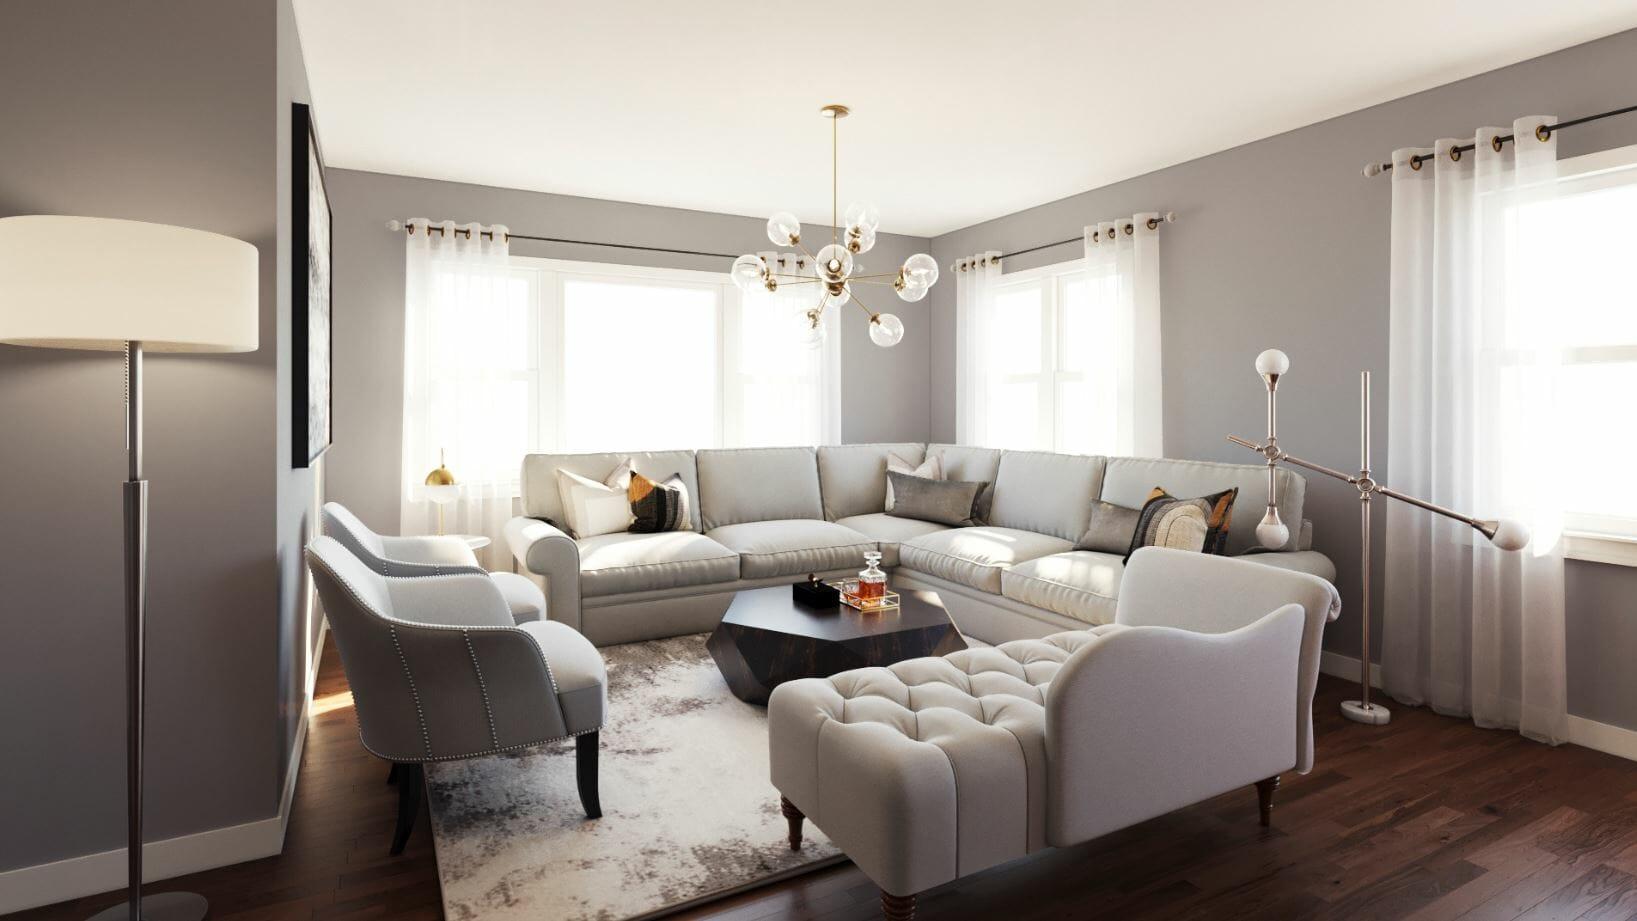 724ae29288d5 interior designer spotlight tam eyre living room 3